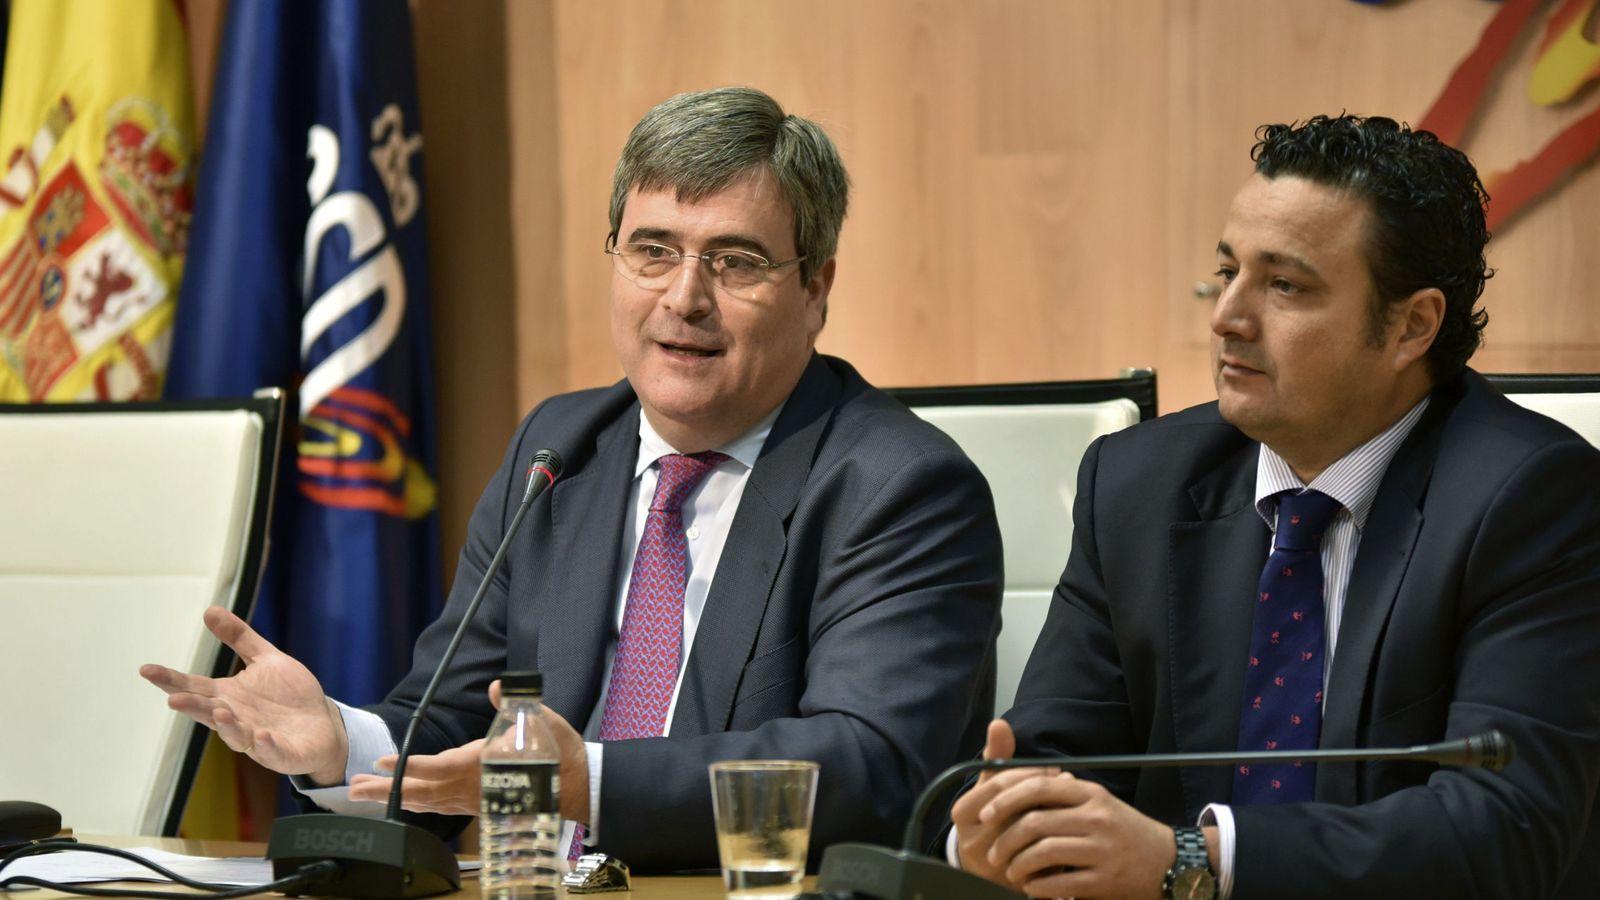 Foto: Miguel Cardenal, acompañado de Óscar Graefenhain, en la rueda de prensa de este martes (José Moreno/CSD-EFE)